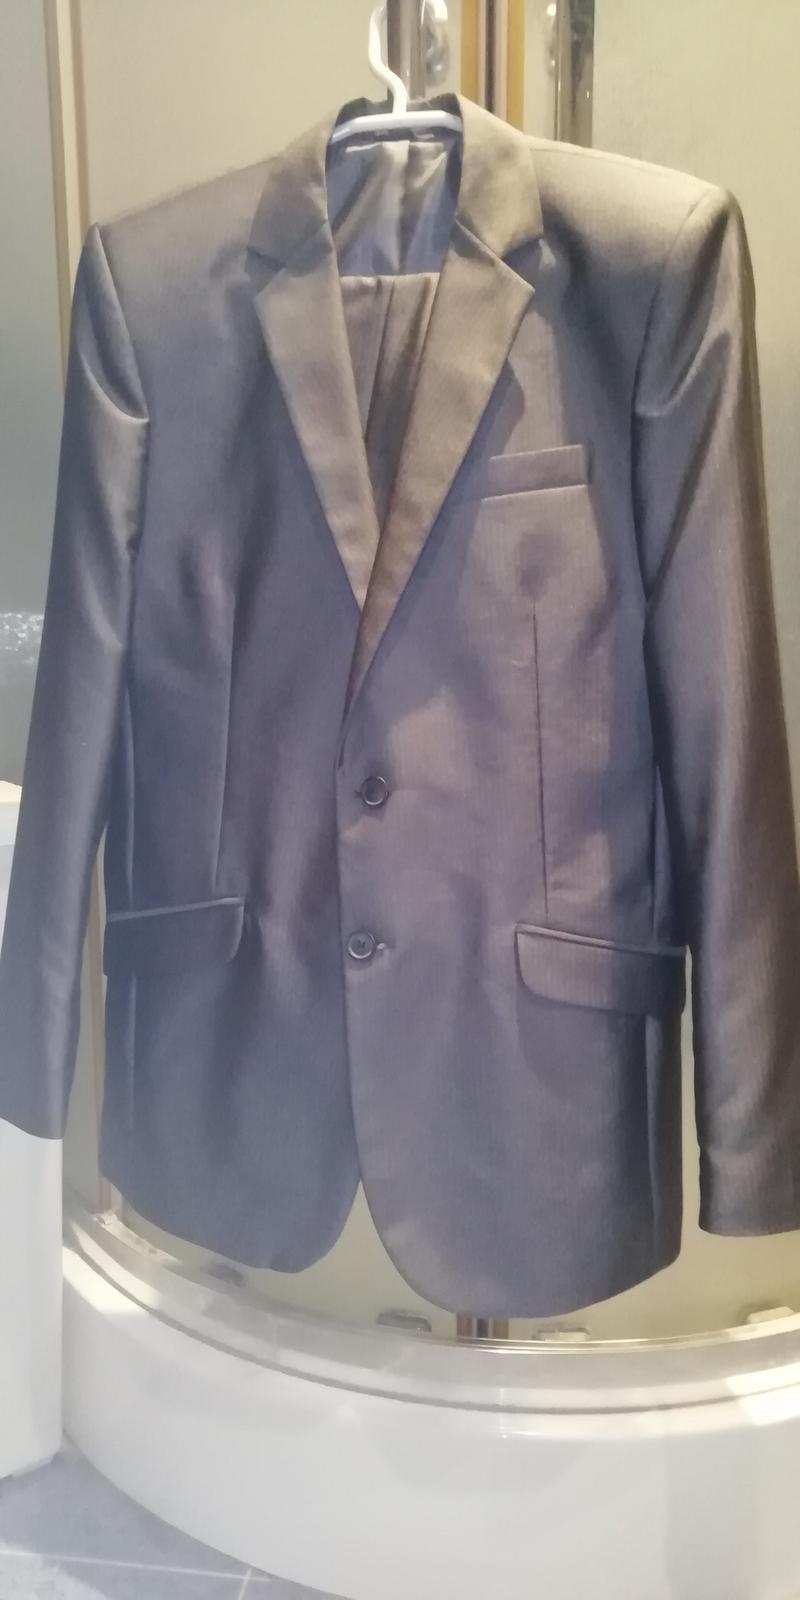 Pánsky oblek slim fit veľ. 48 lesklý - Obrázok č. 1